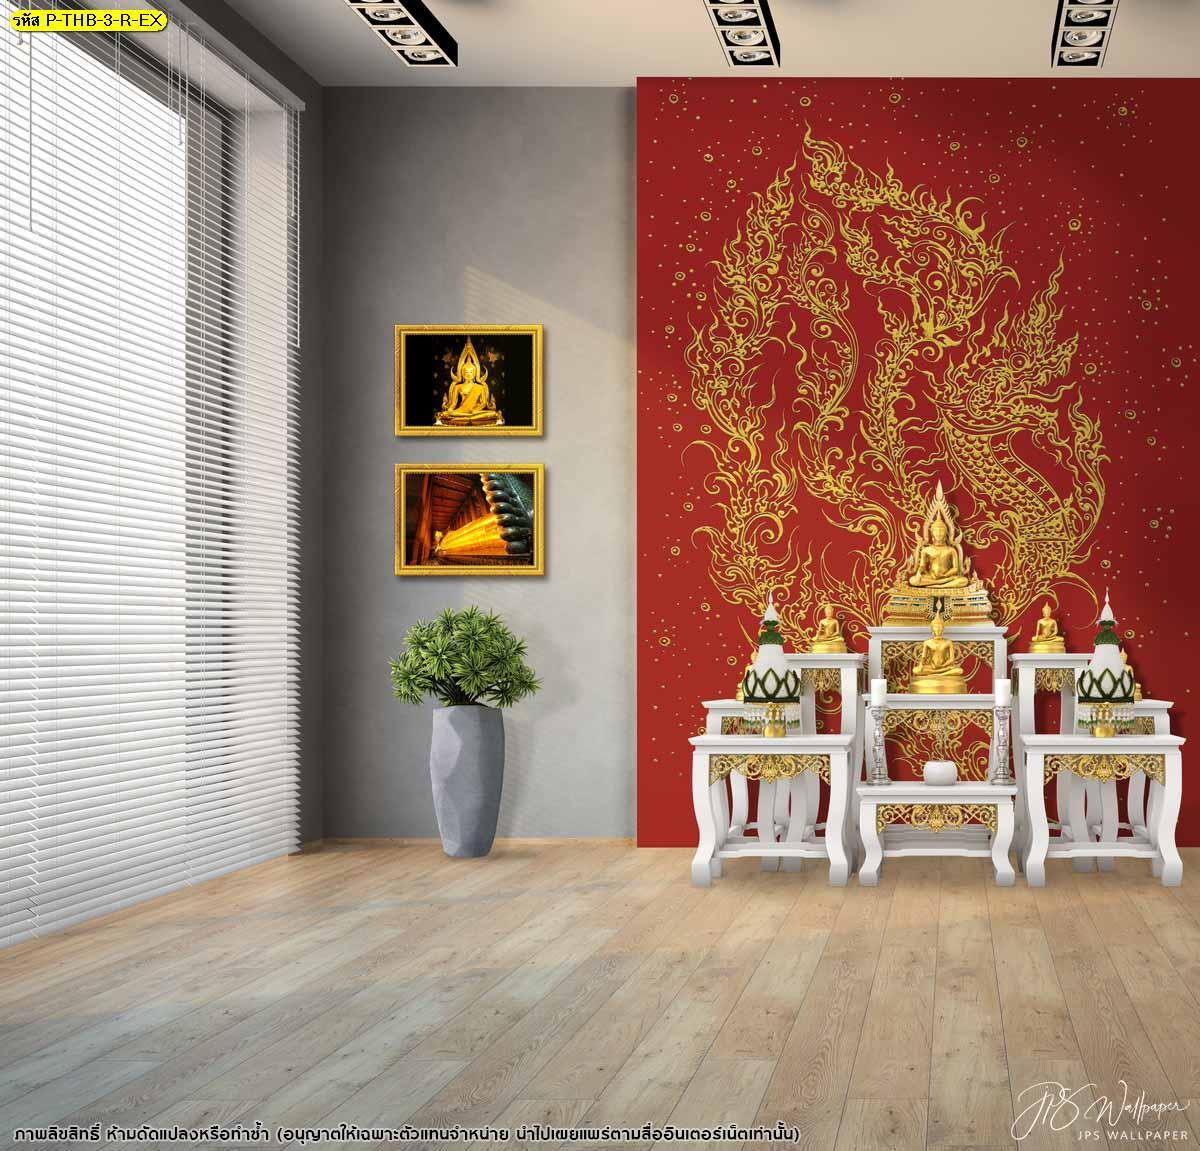 วอลเปเปอร์ลายไทยพญานาคลายเส้นสีทองพื้นหลังสีแดง ห้องพระลายไทย